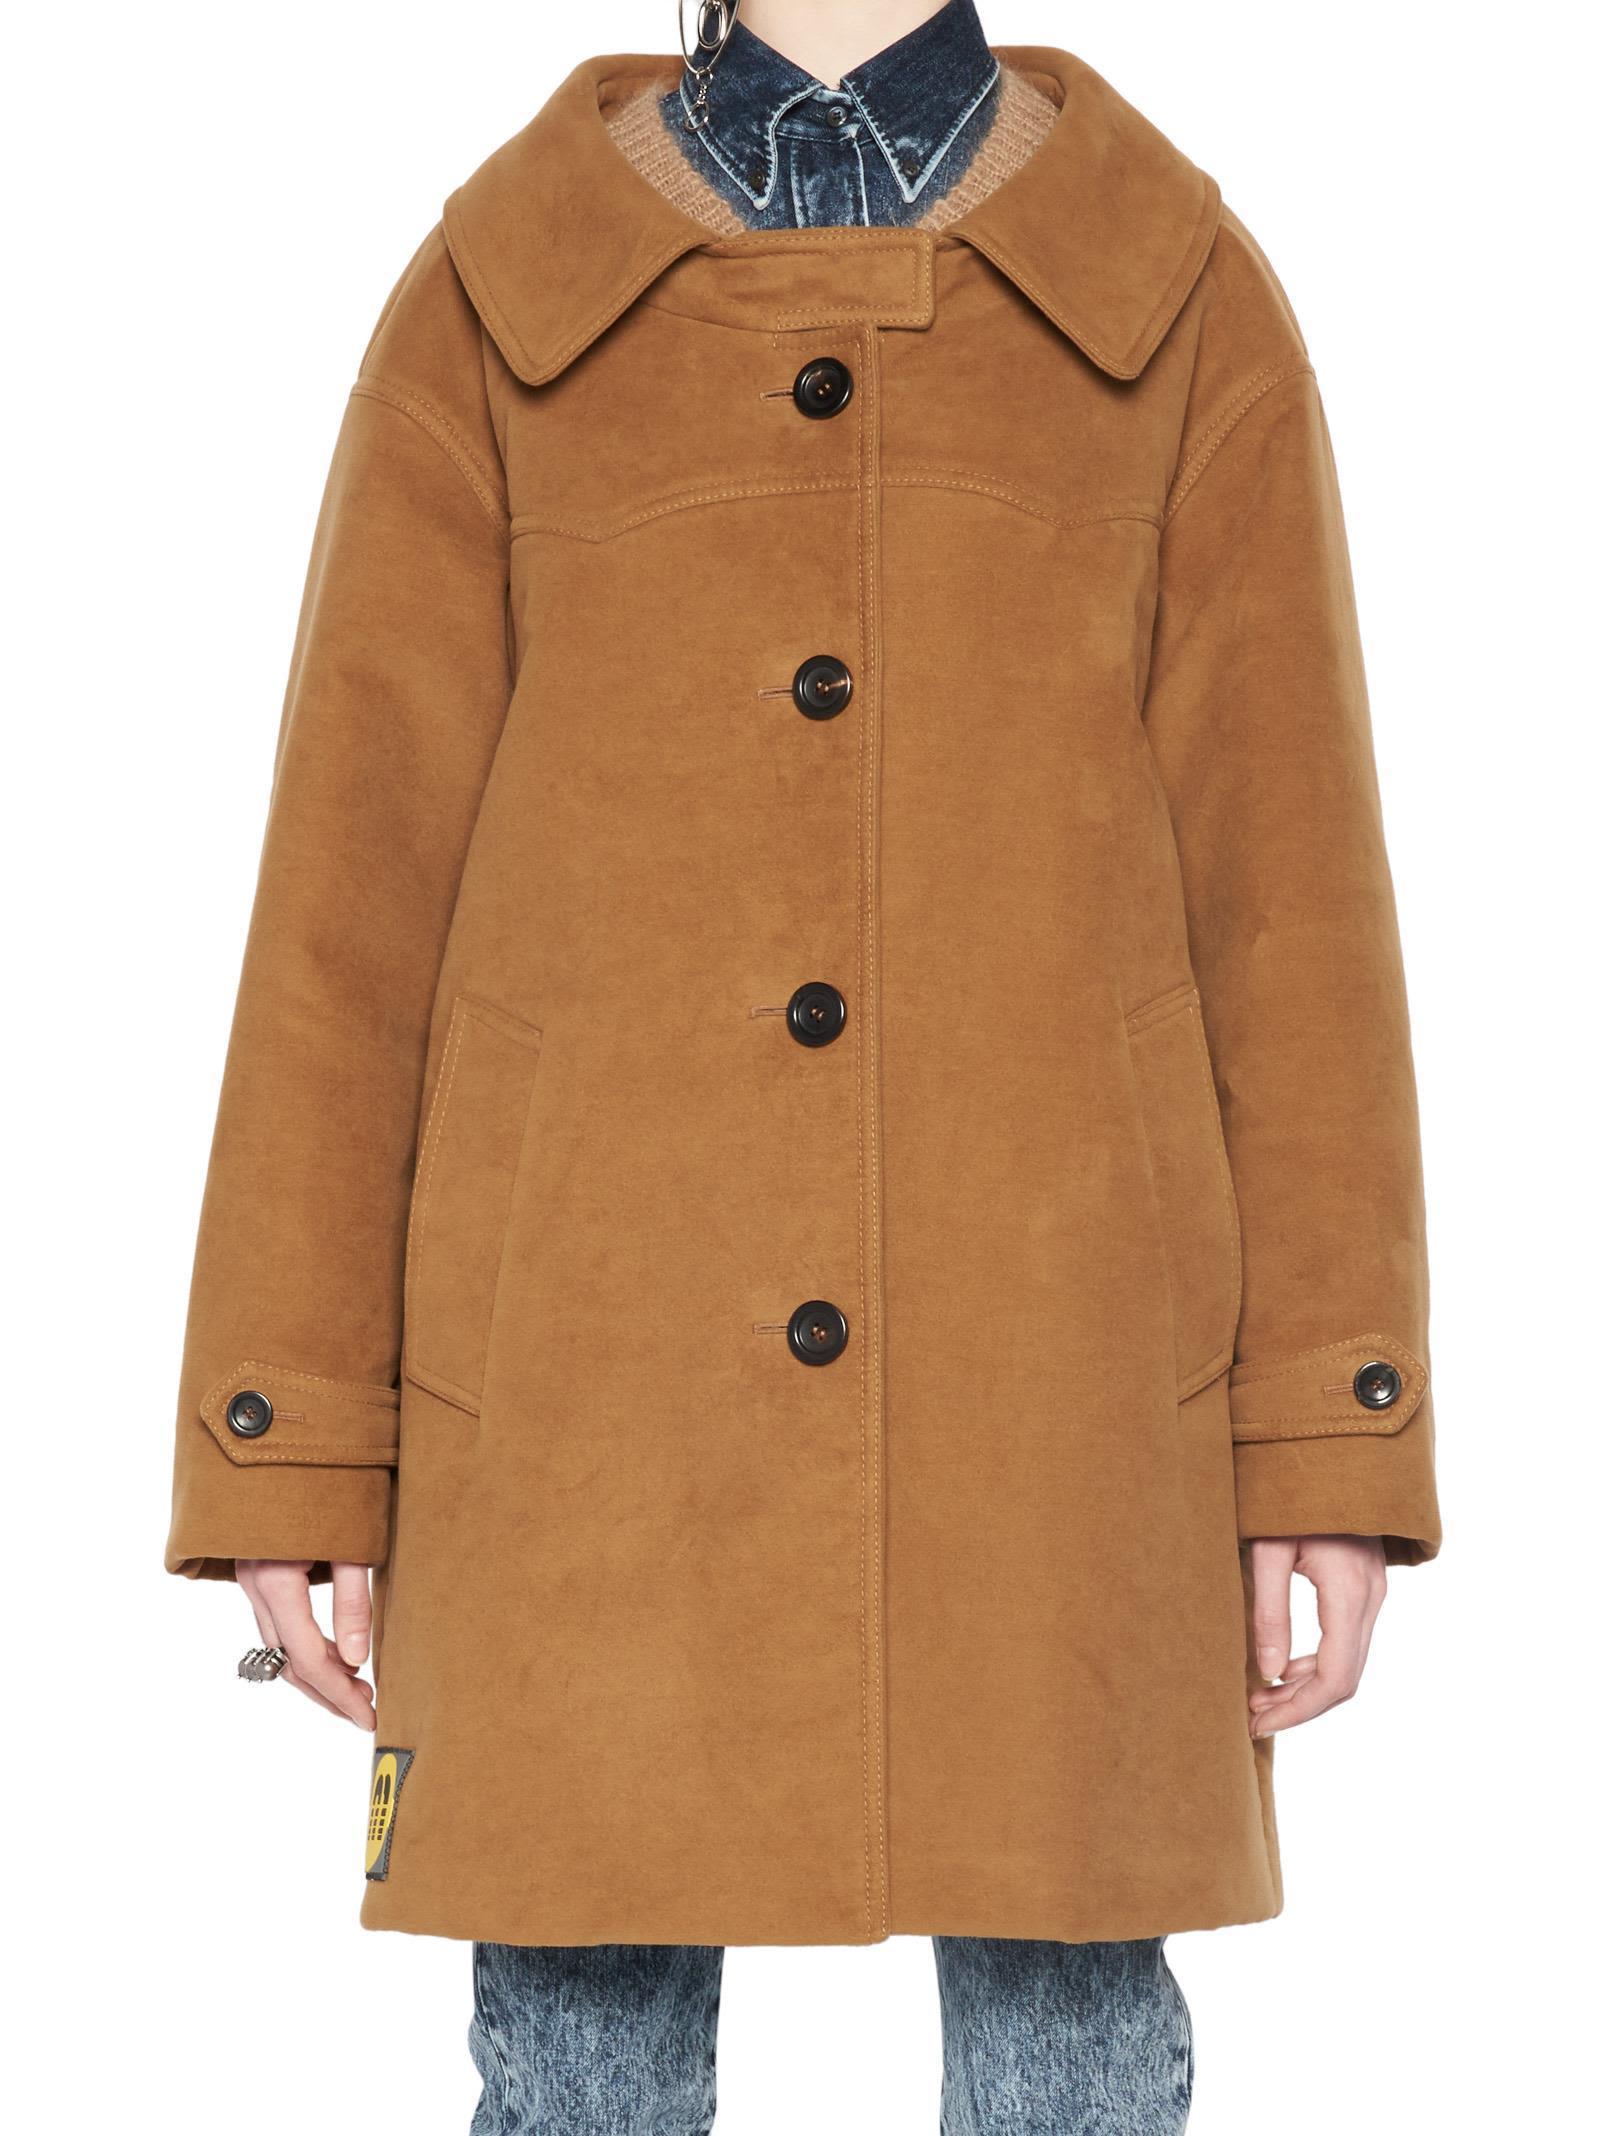 4e2400a6b12 Miu Miu  Moleskine  Coat In Brown